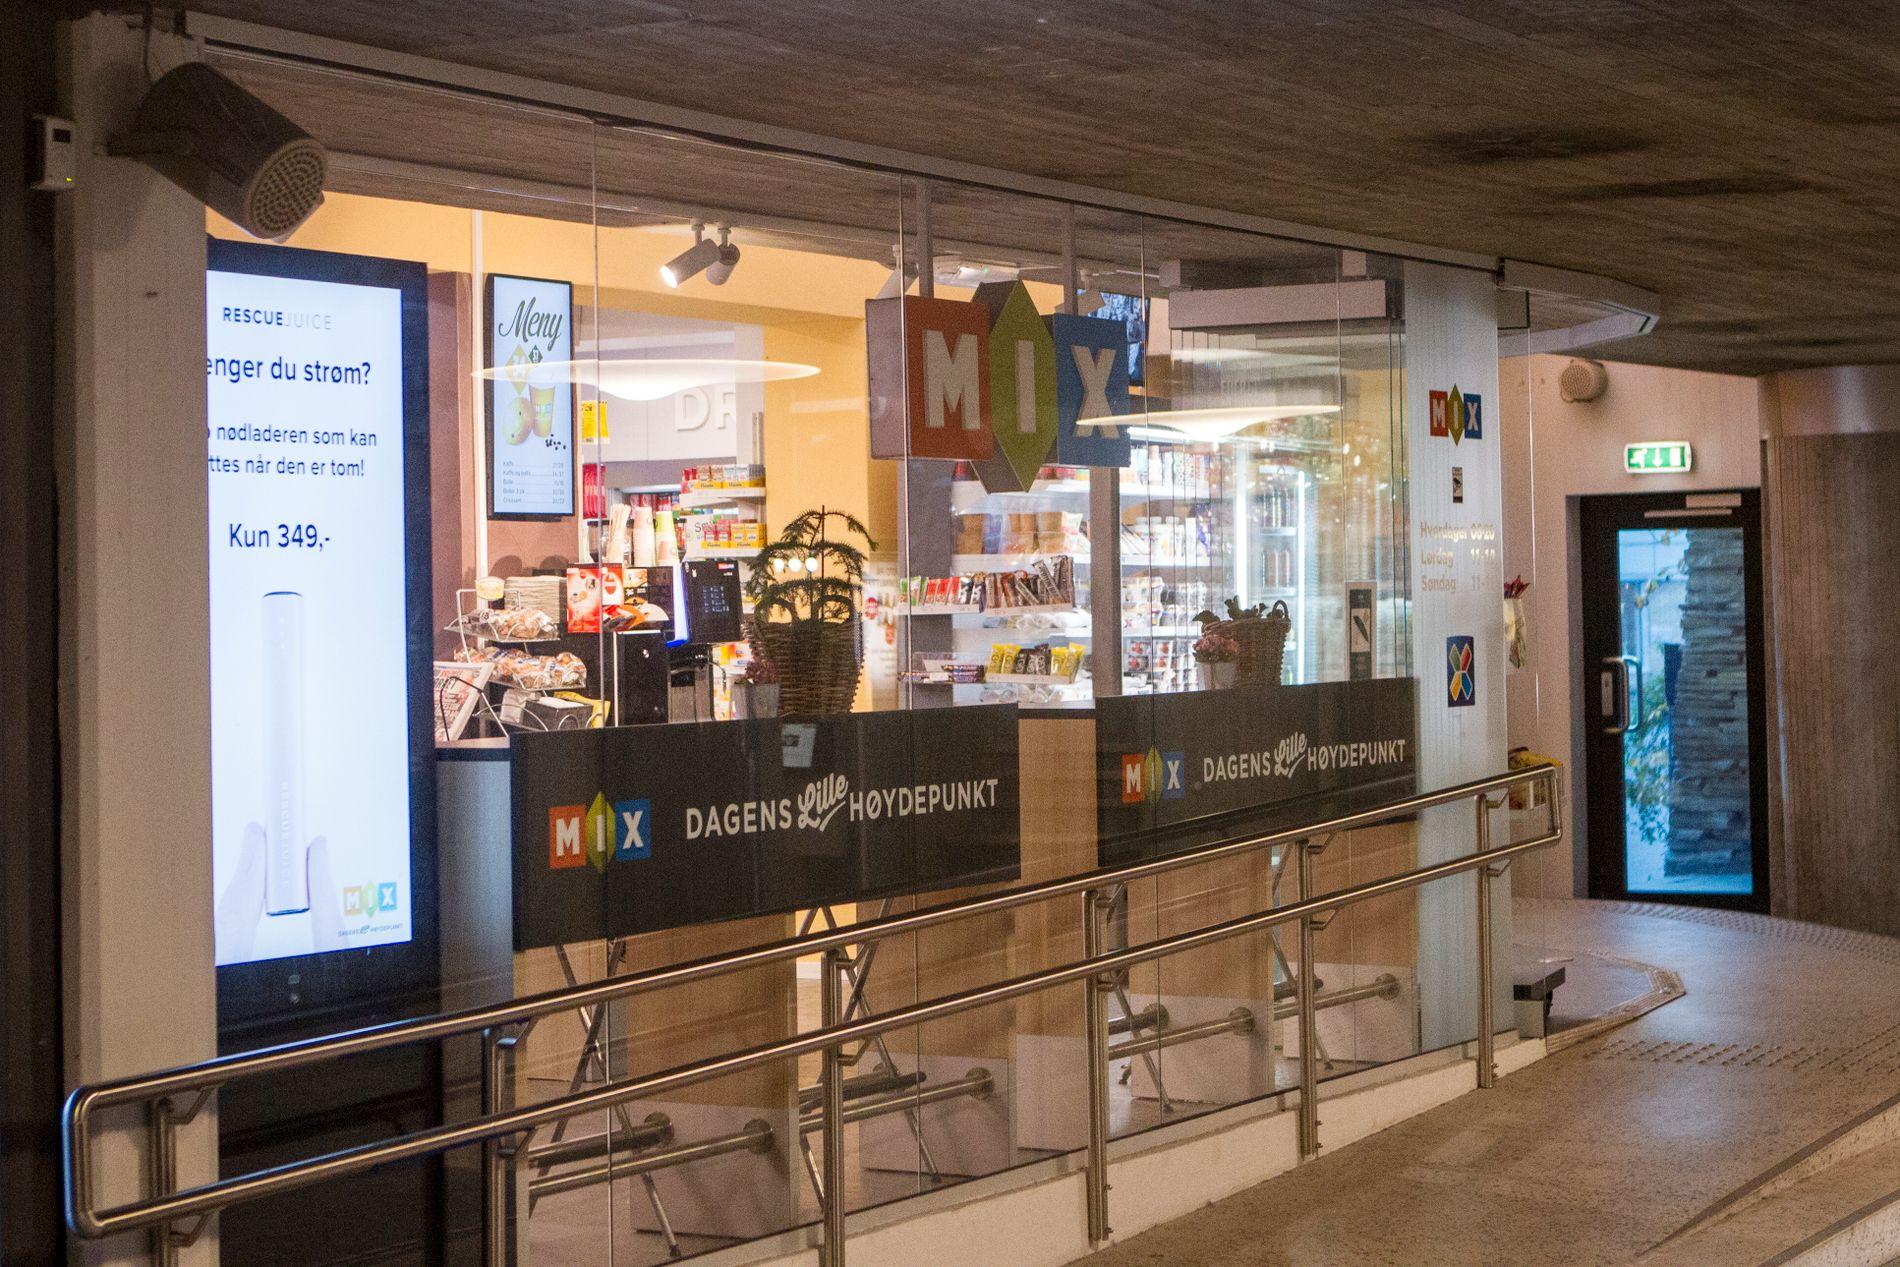 SETT HER: Den etterlyste mannen ble ekspedert av ansatte ved denne MIX-kiosken på Skøyen stasjon mandag.